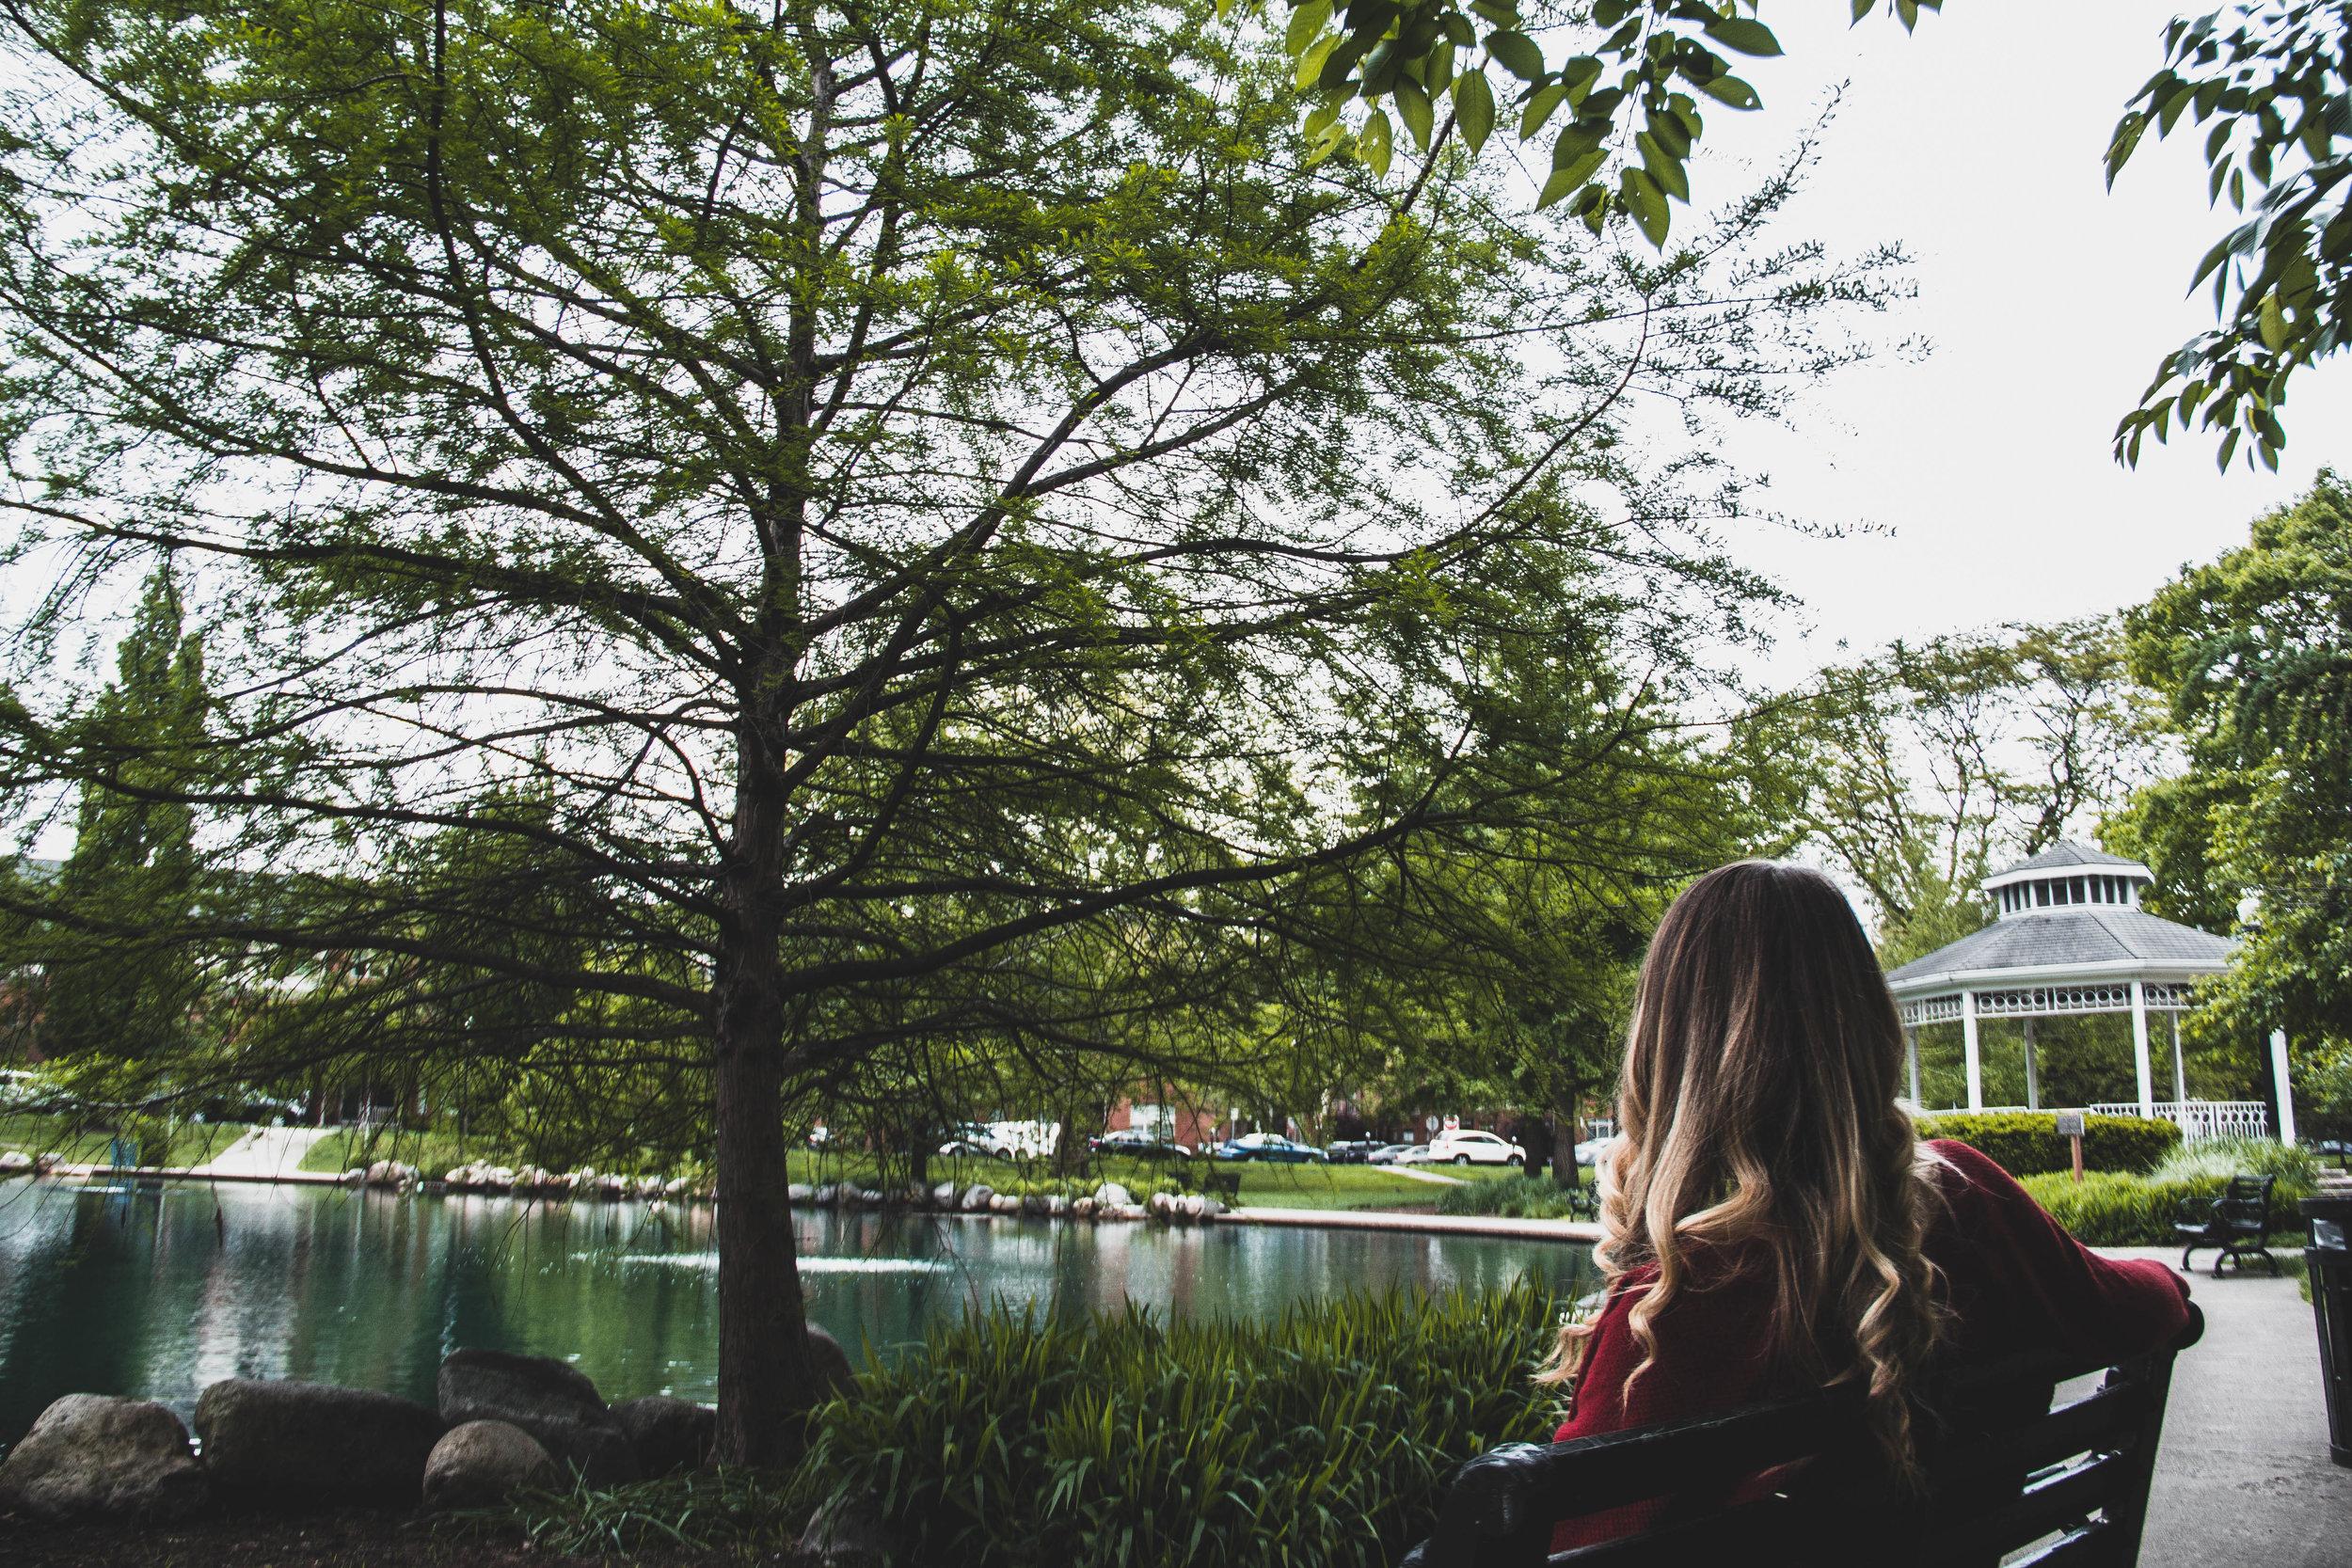 Sara_sitting-2.jpg